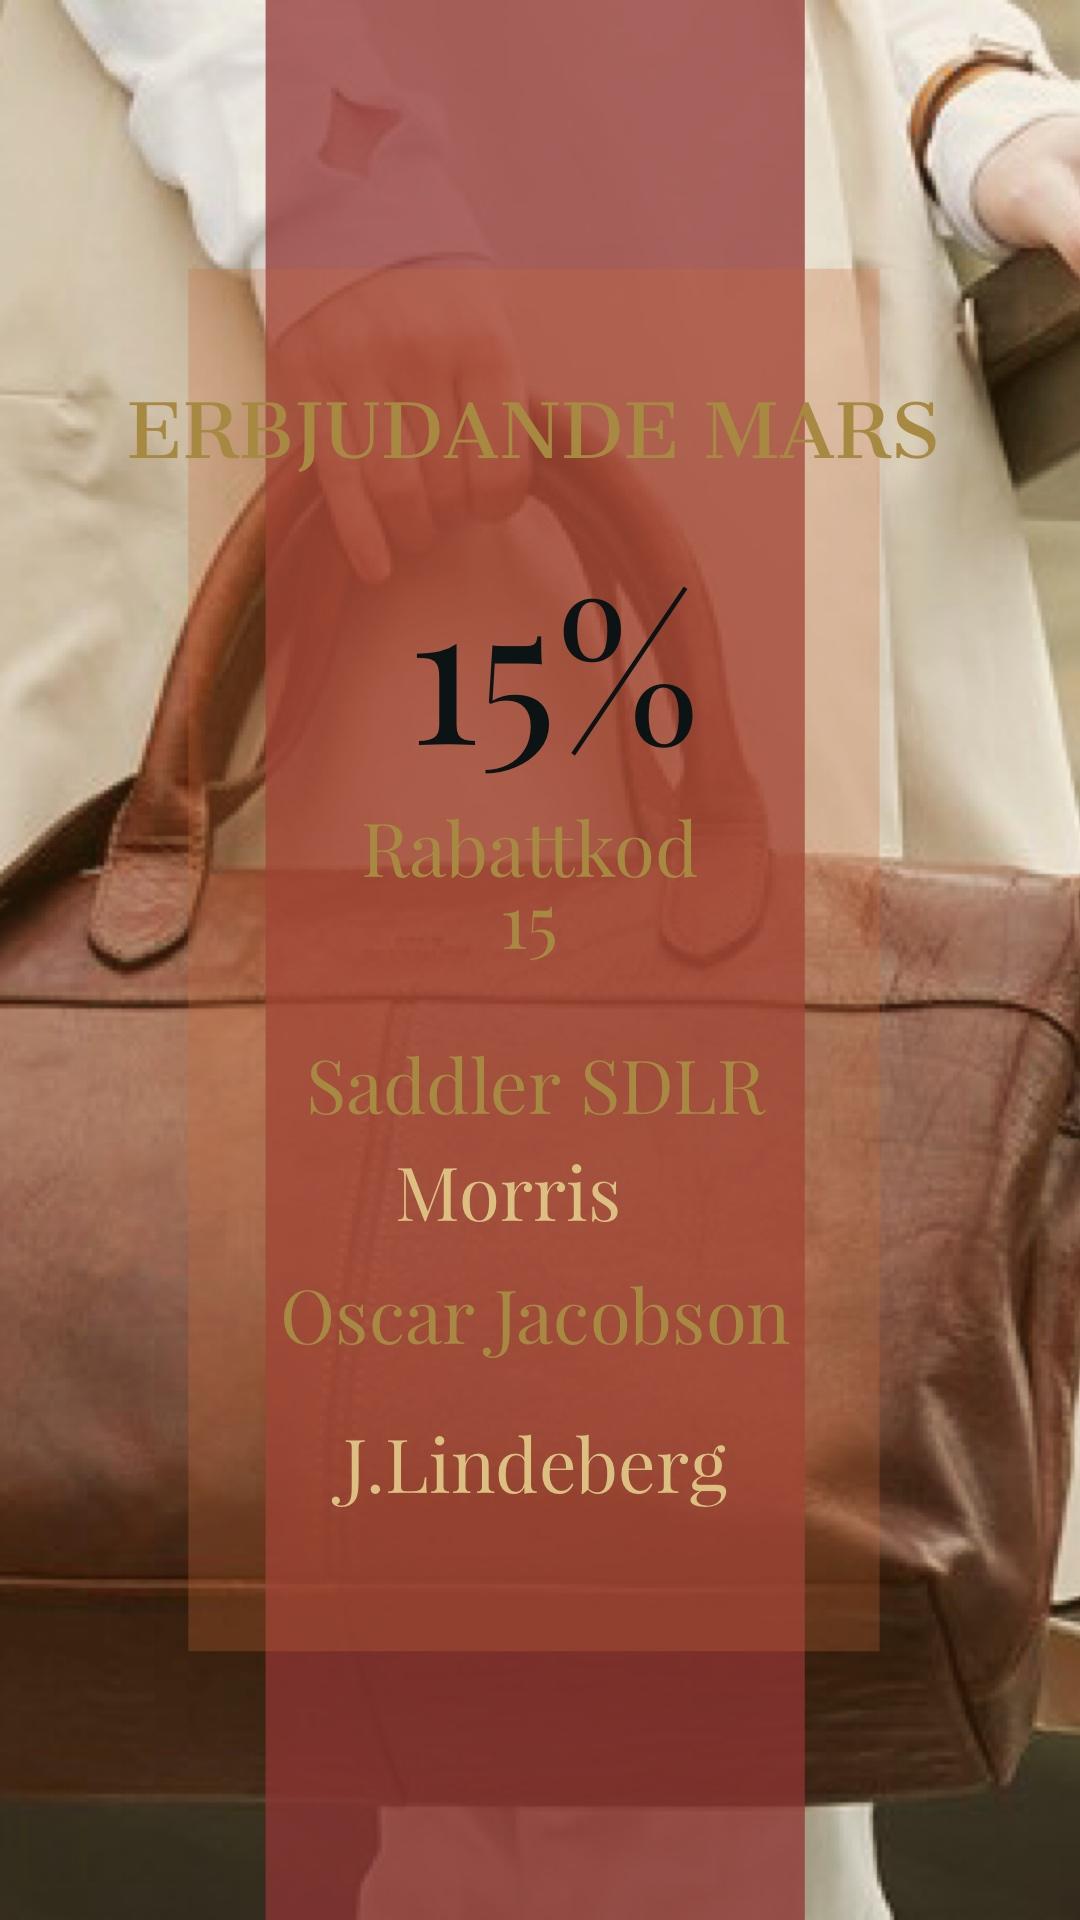 Erbjudande Väskor Mars